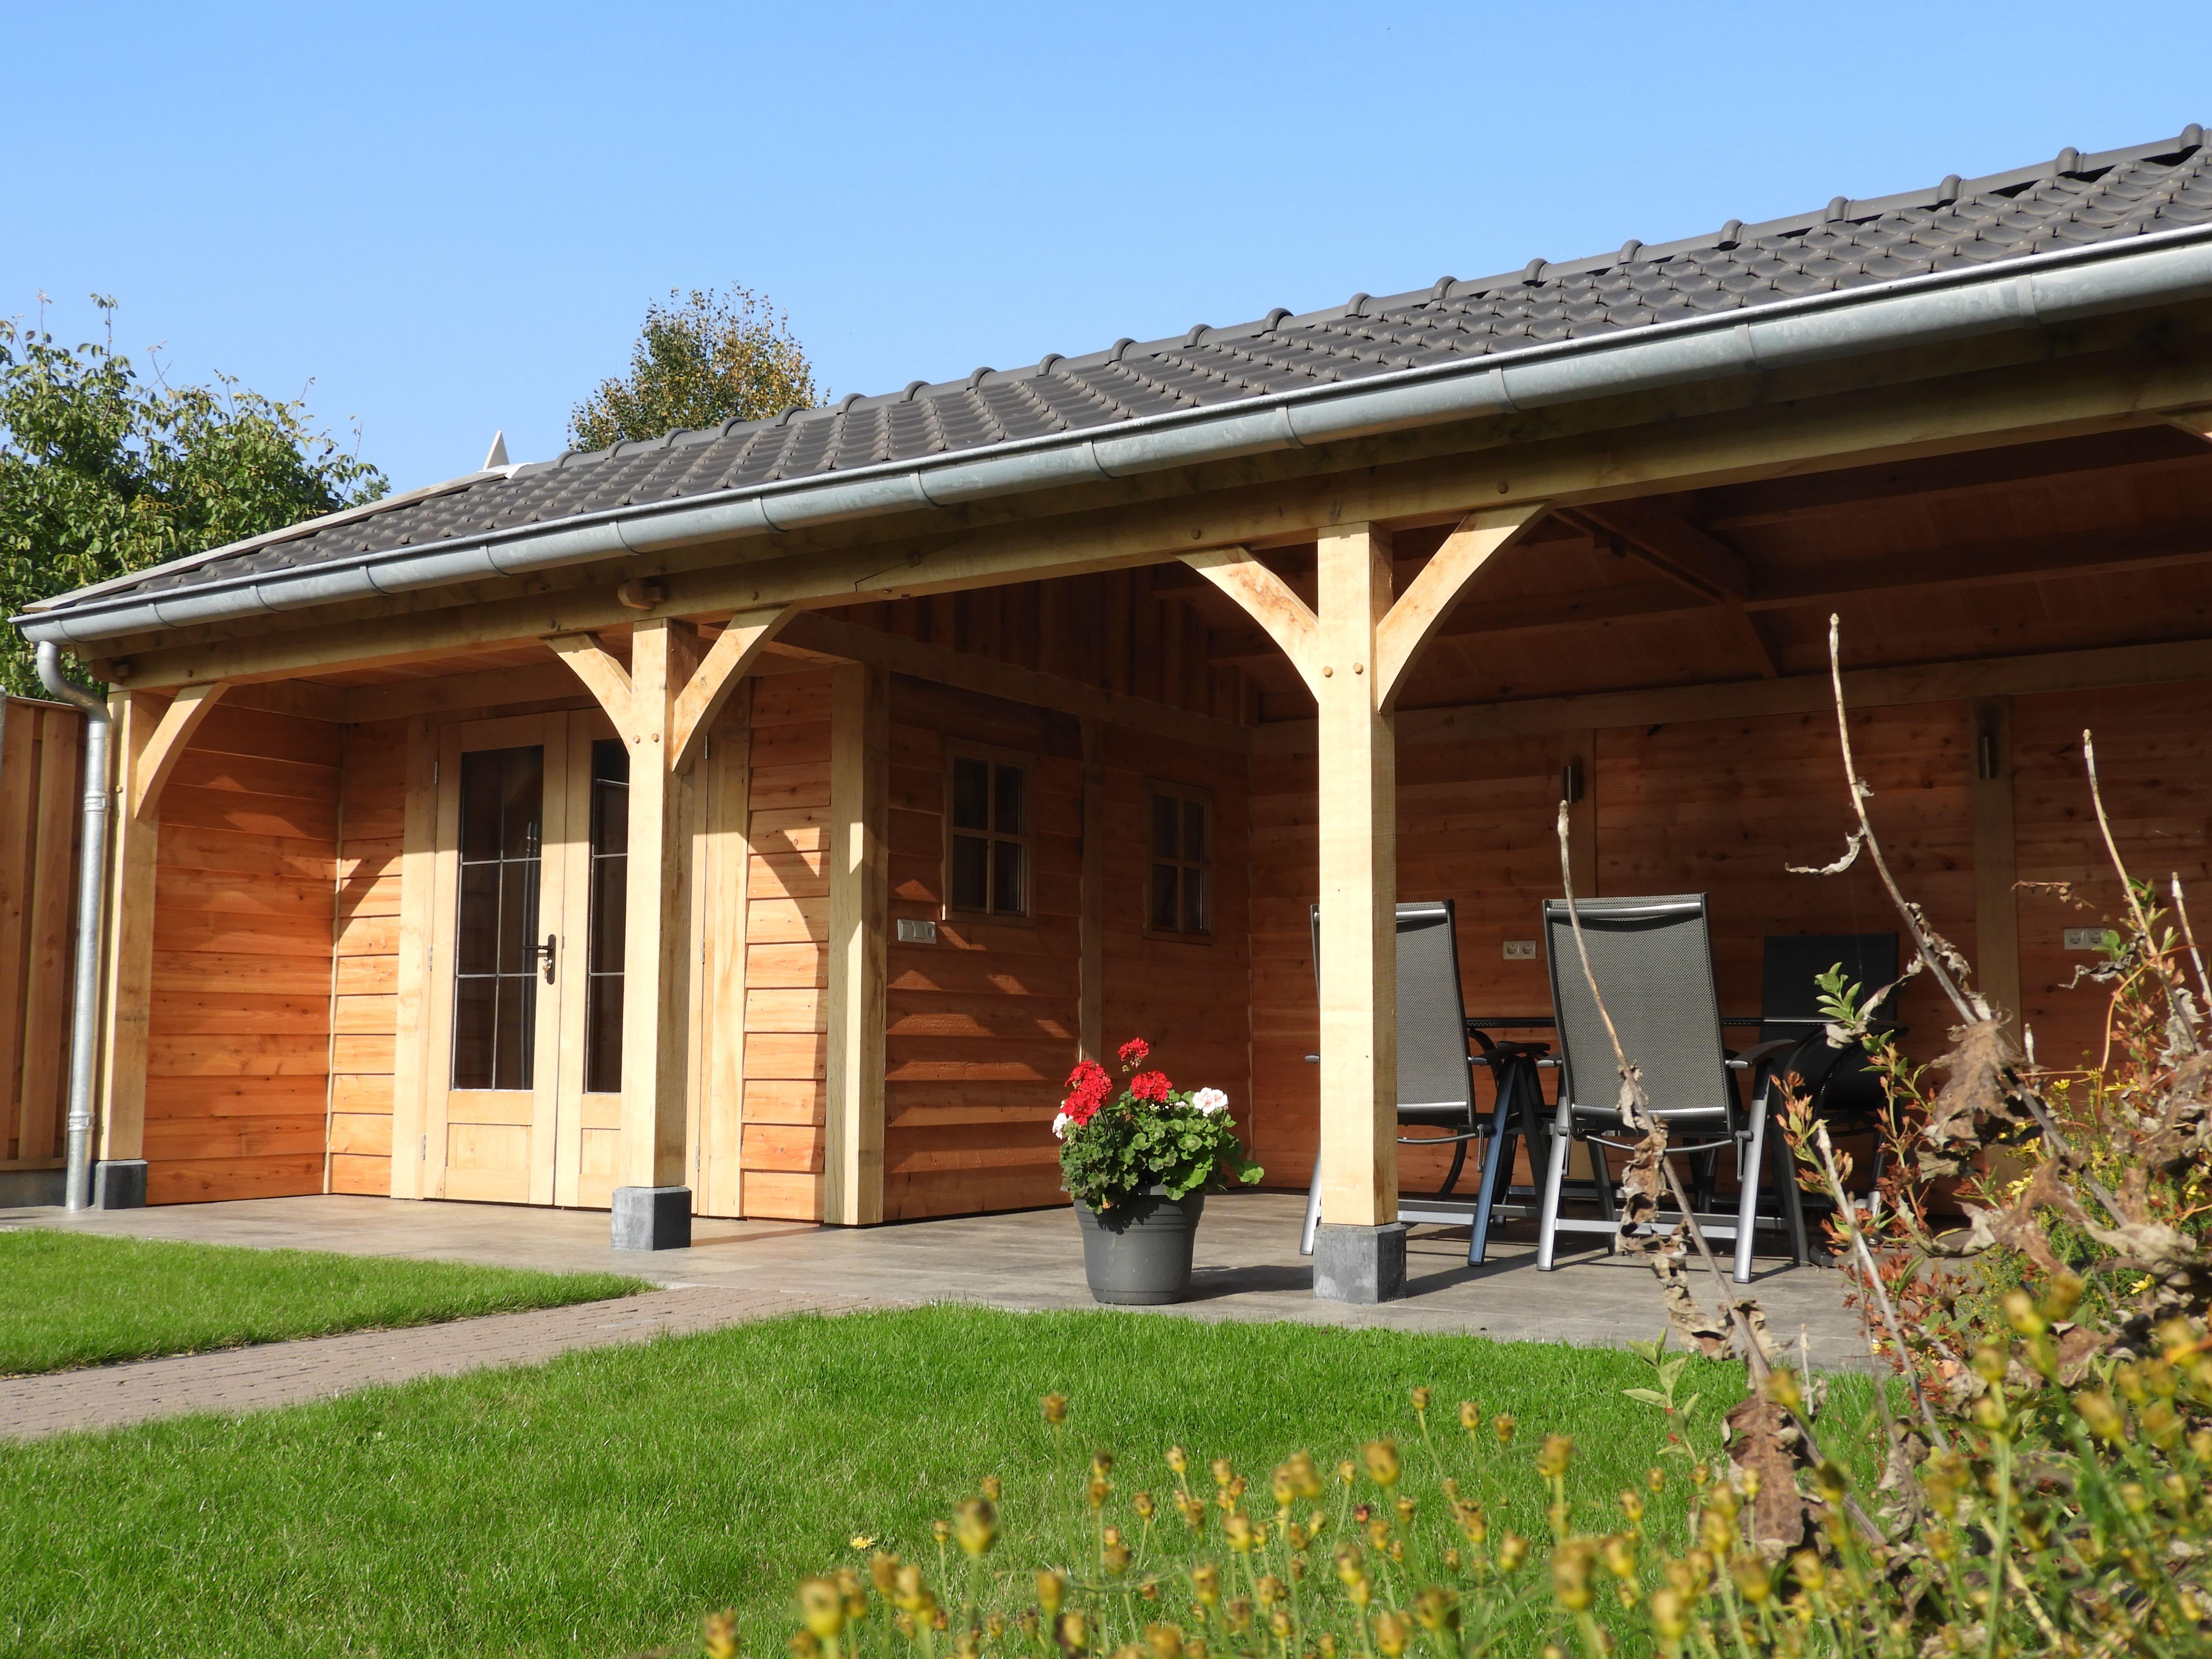 houten-tuinhuis-met-veranda-5-min - project Marienberg